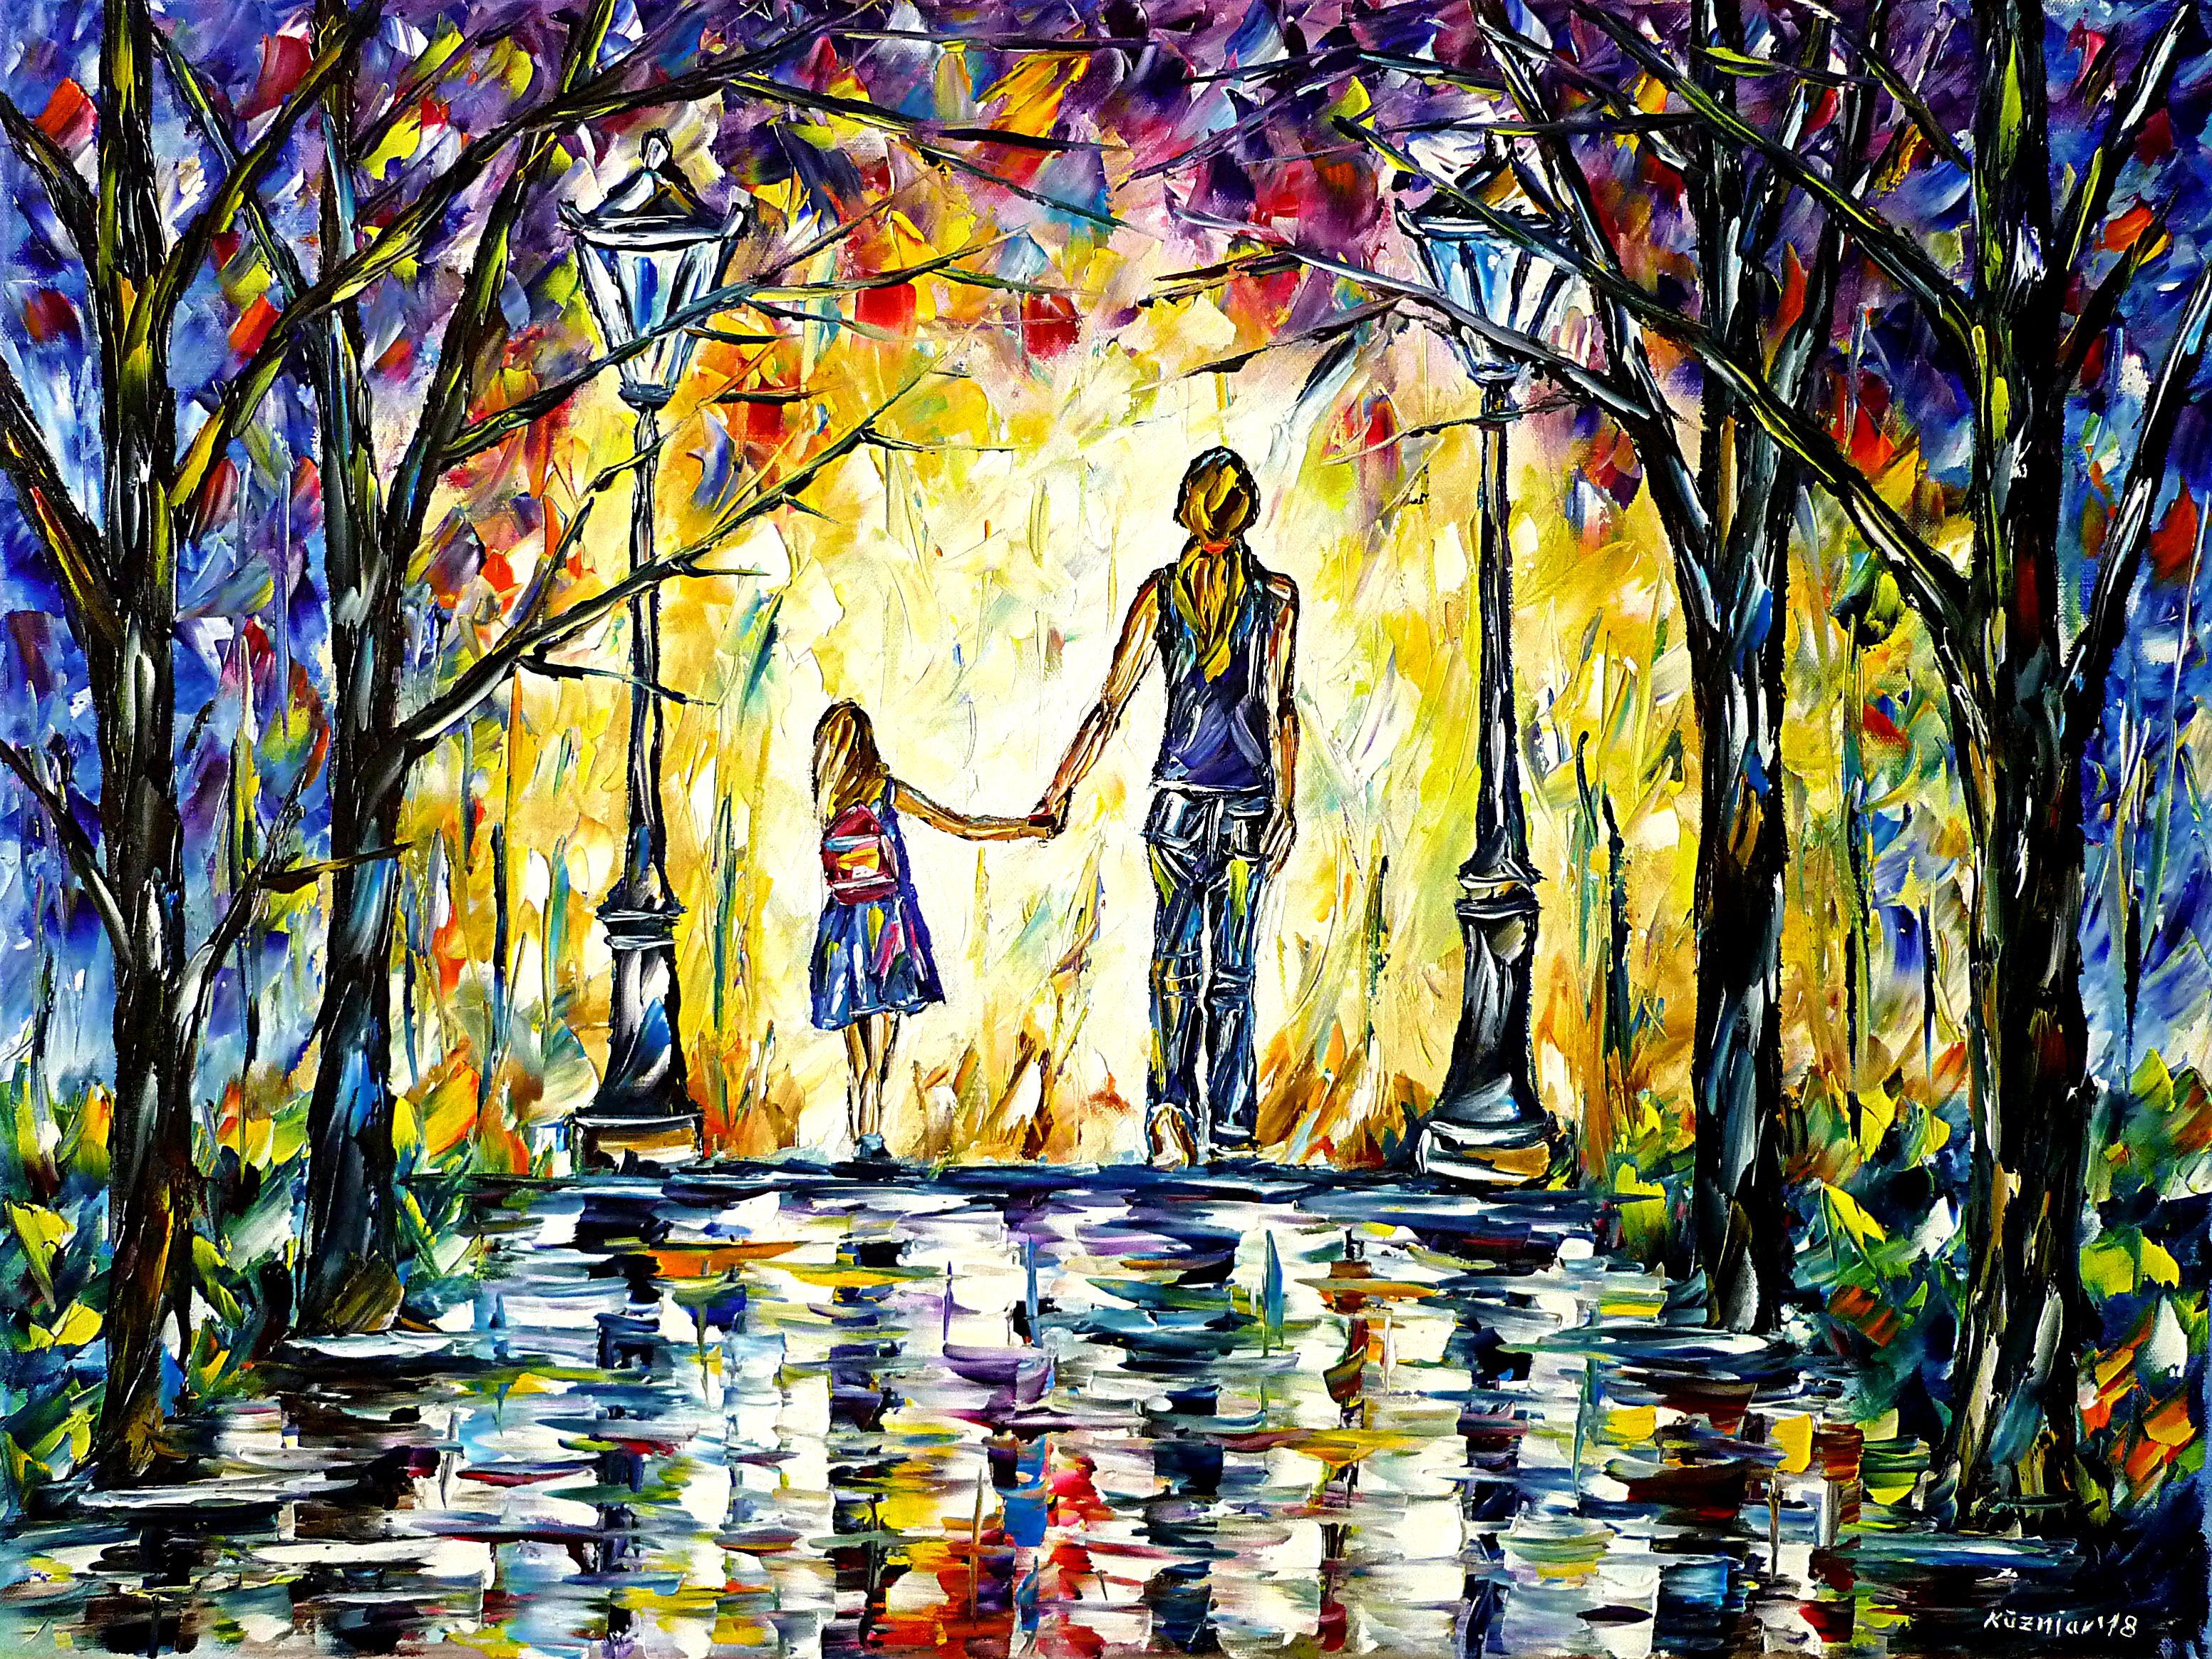 Mutter mit Tochter, Hand in Hand by Mirek Kuzniar, Öl